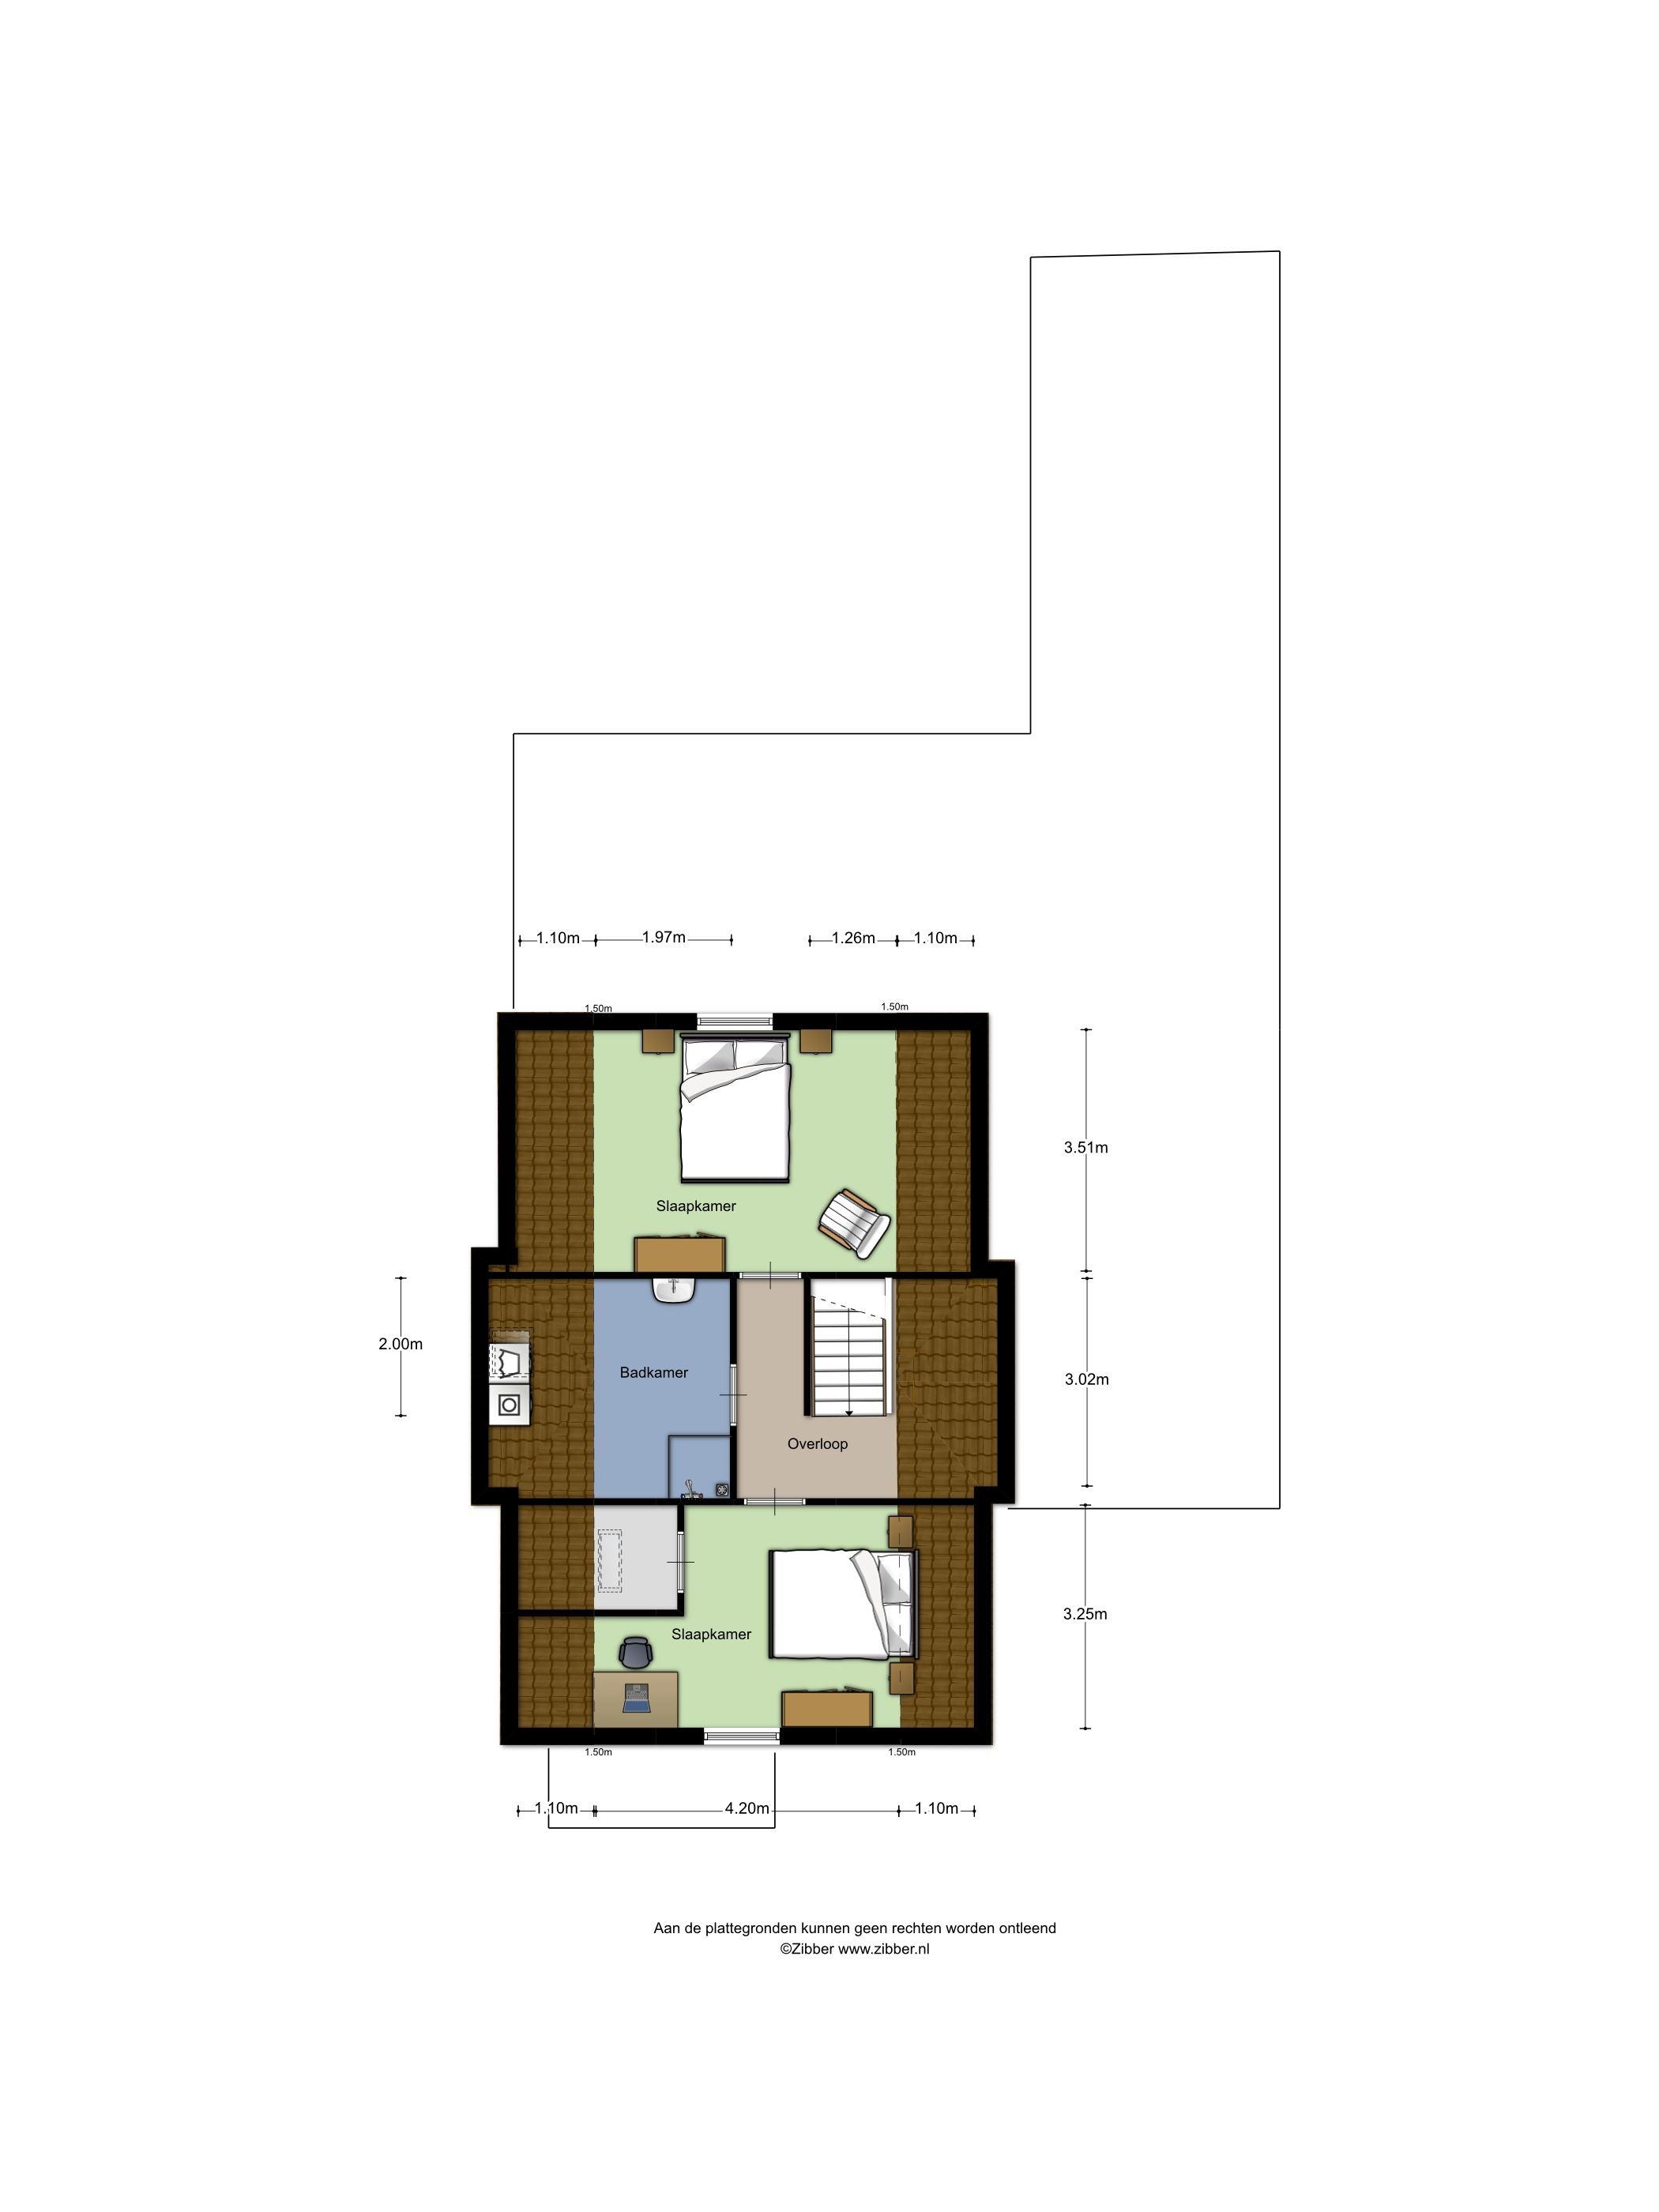 huis te koop dwarswal 5 5509 kh veldhoven funda